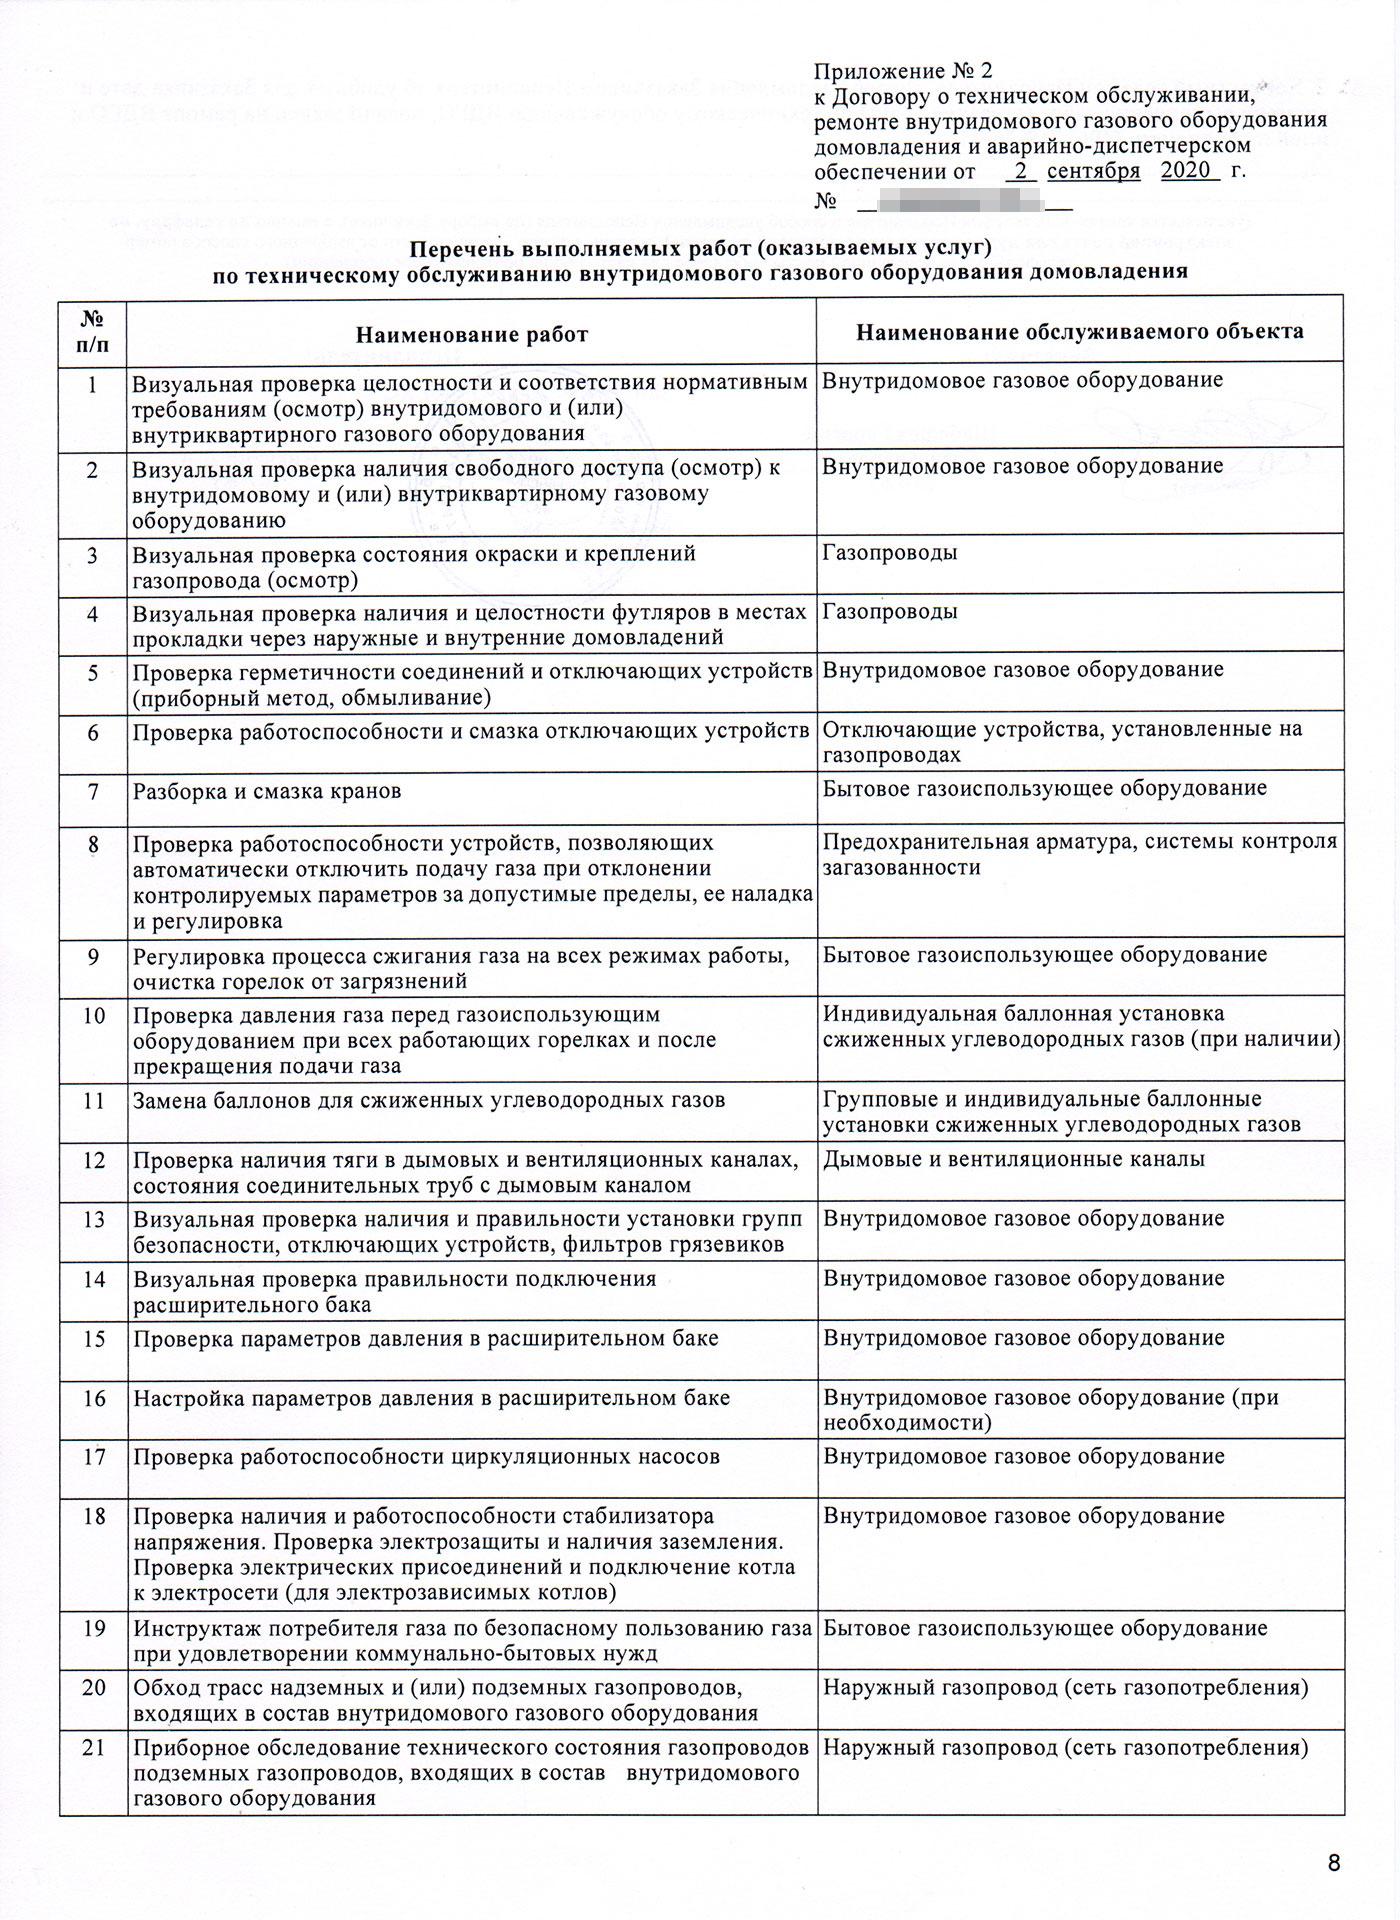 Приложение 2 — подробный перечень работ, выполняемых в рамках договора